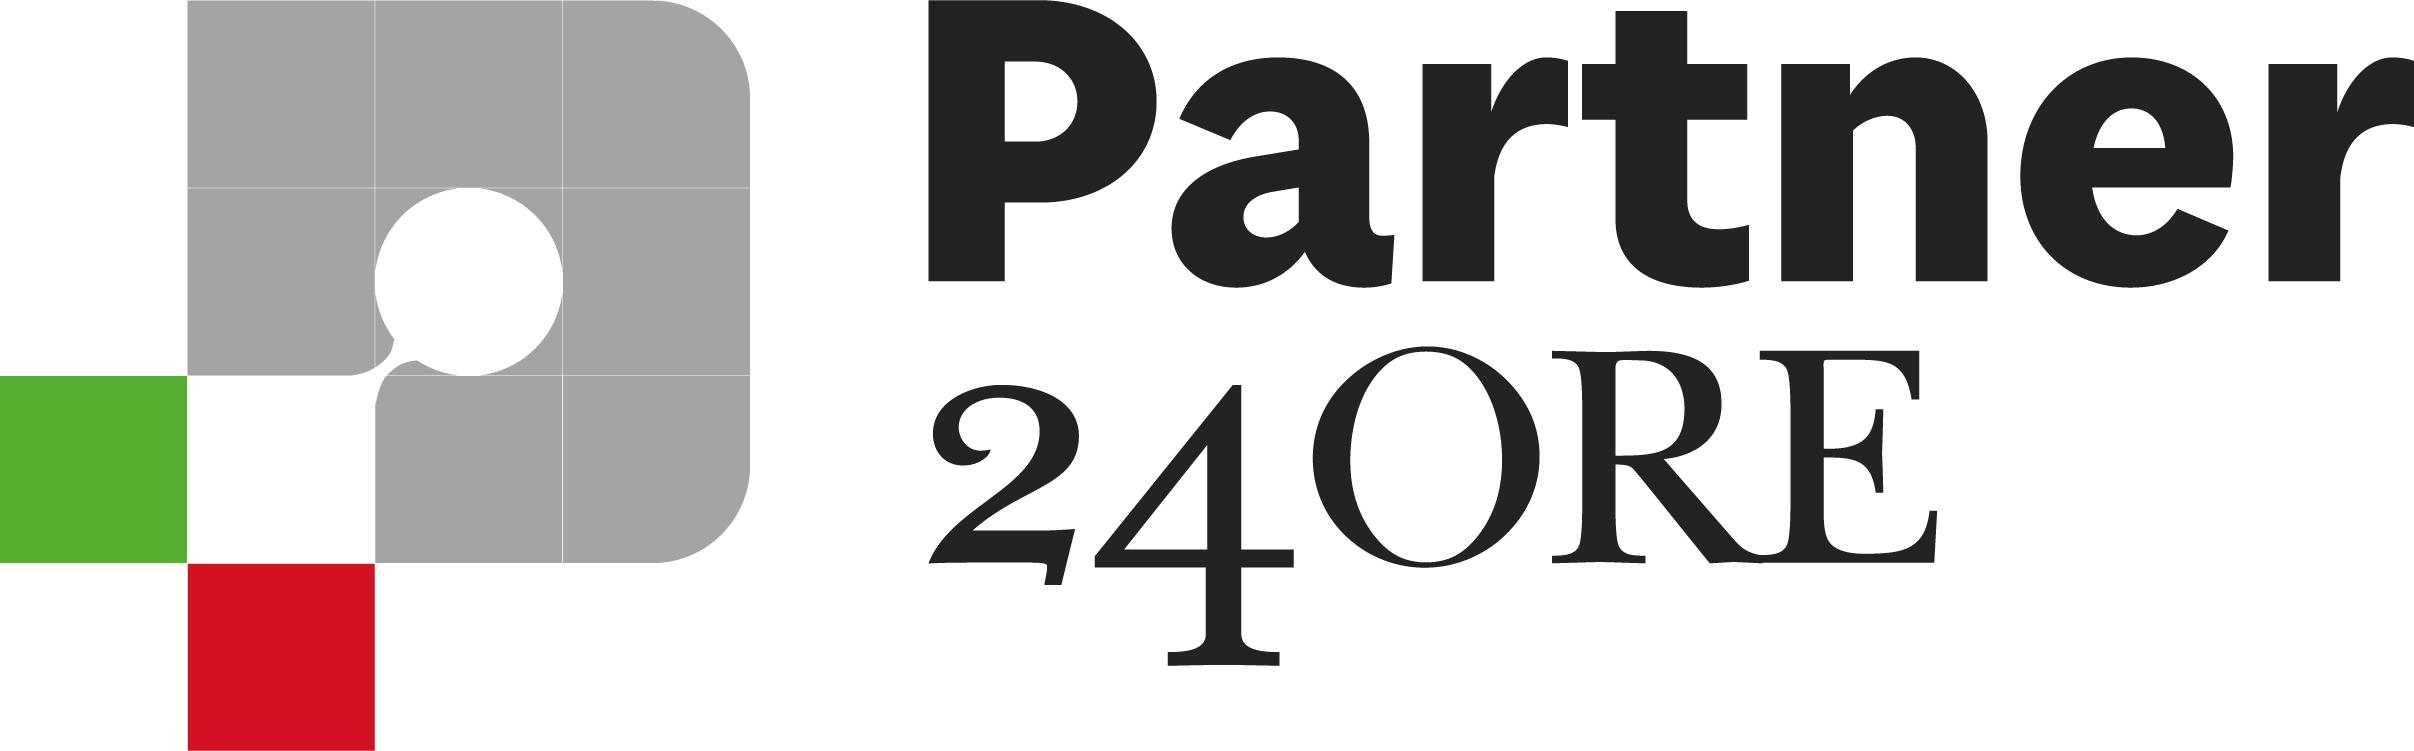 Partner 24 - Il Sole 24 Ore